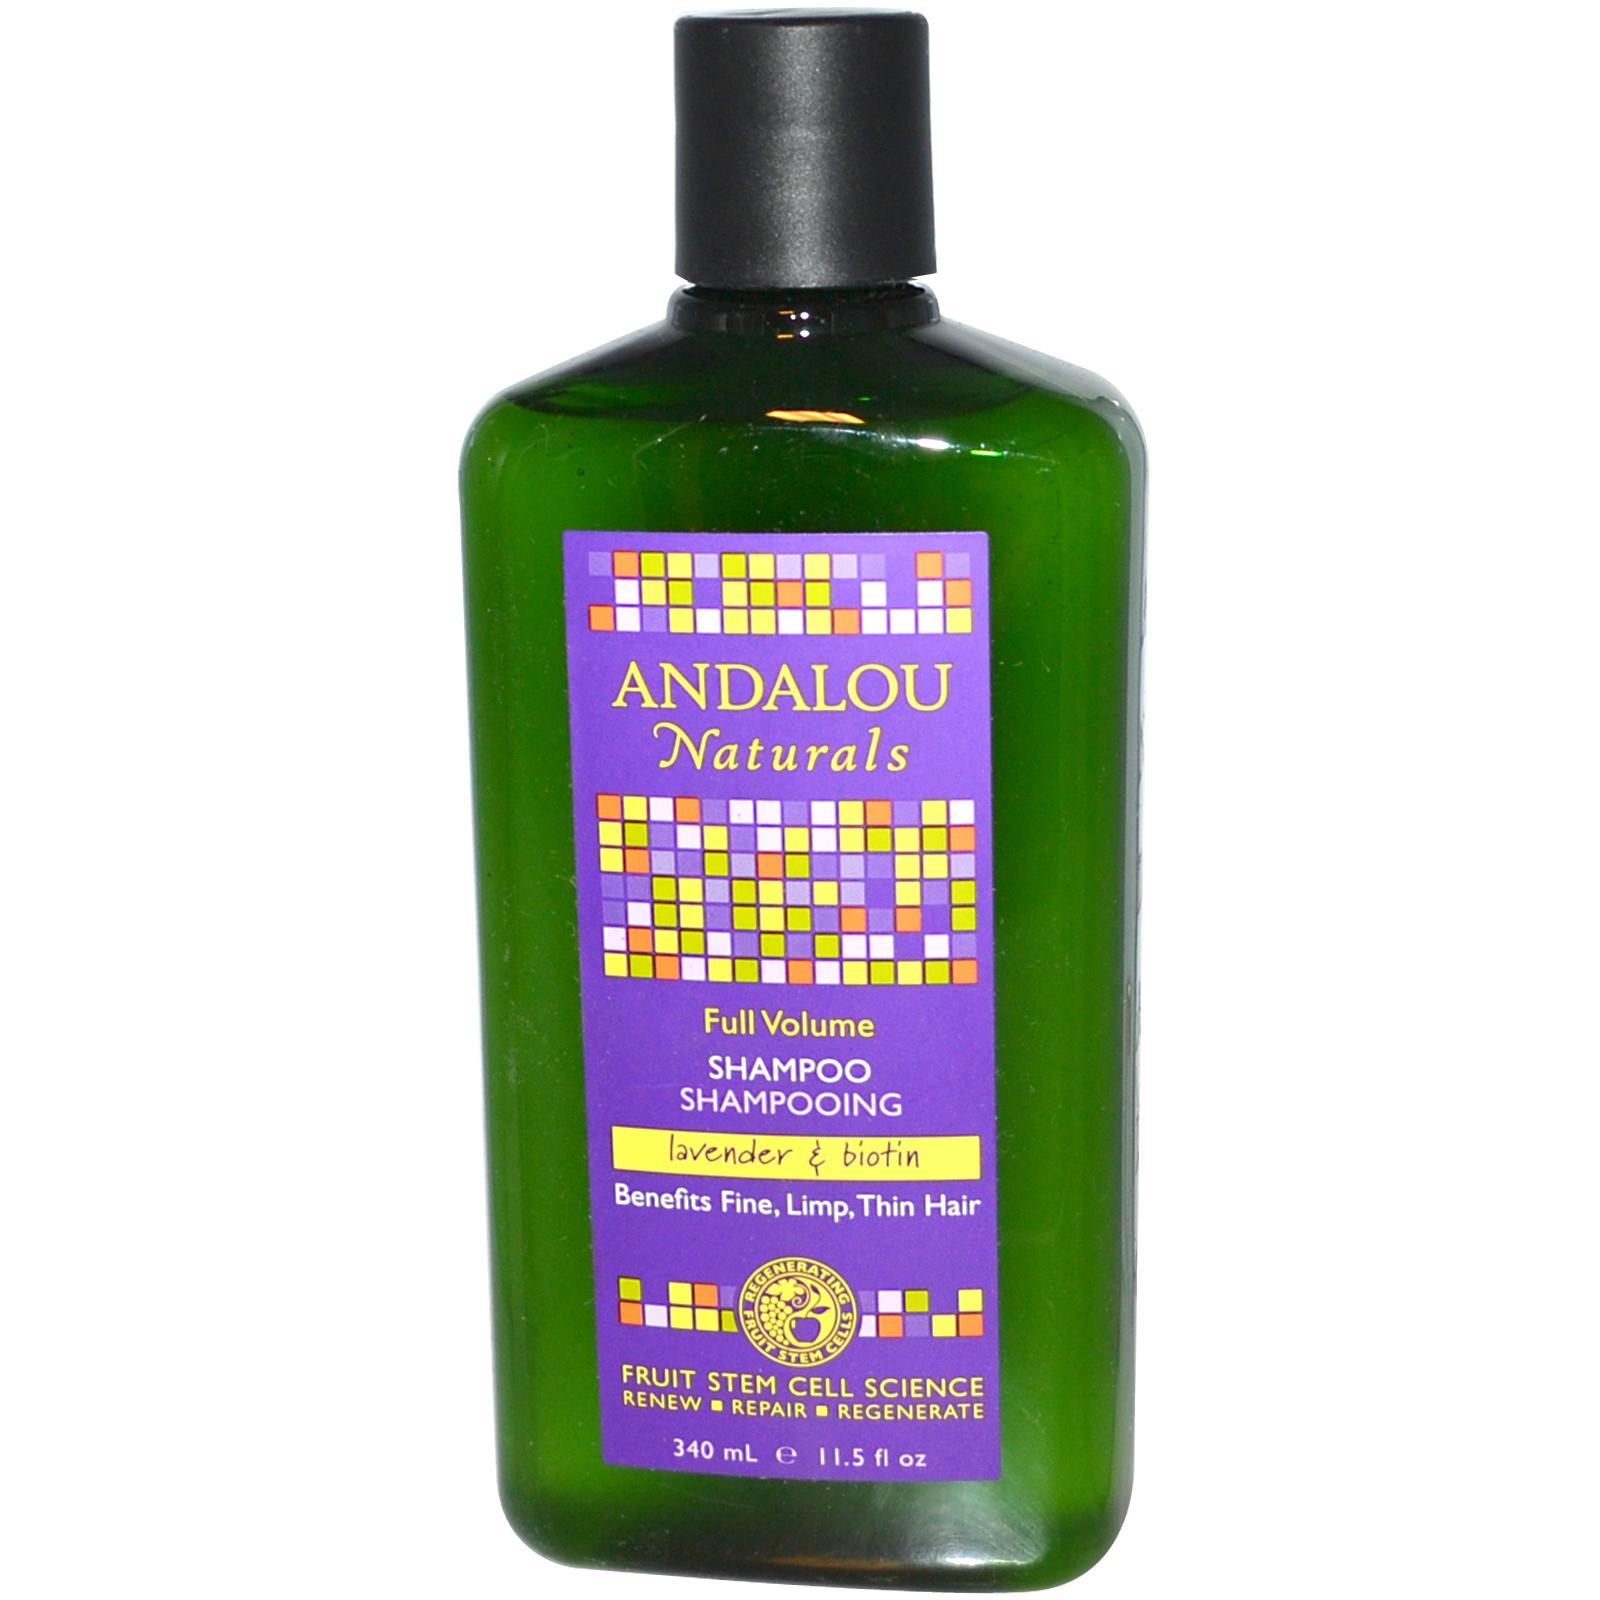 Andalou Naturals Full Volume Lavender & Biotin Conditioner (1x11.5 Oz)